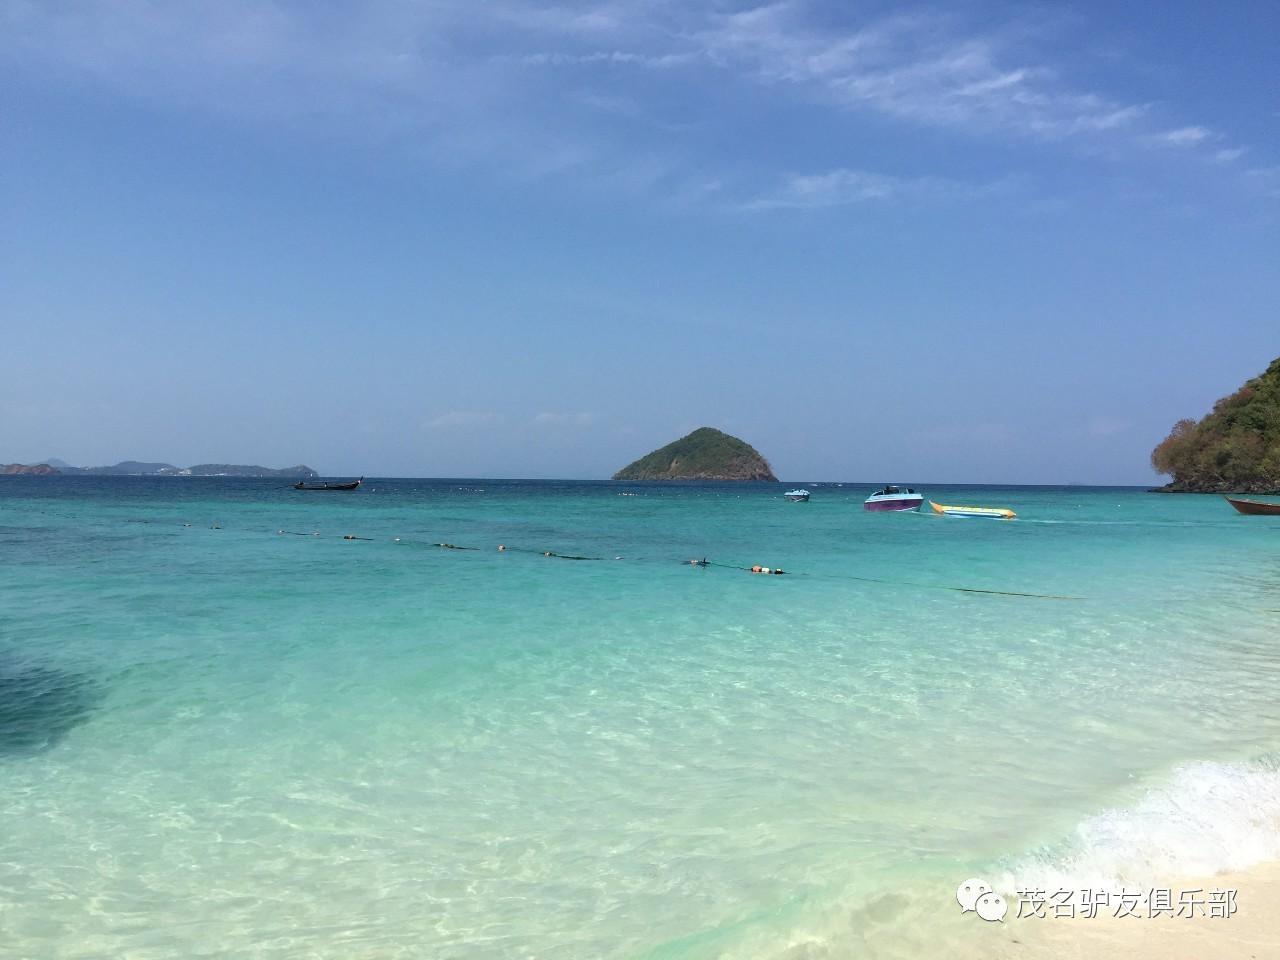 旅游 正文  珊瑚岛(蓝岛),距离芭提雅九公里,是芭提雅海滩外最大的岛.